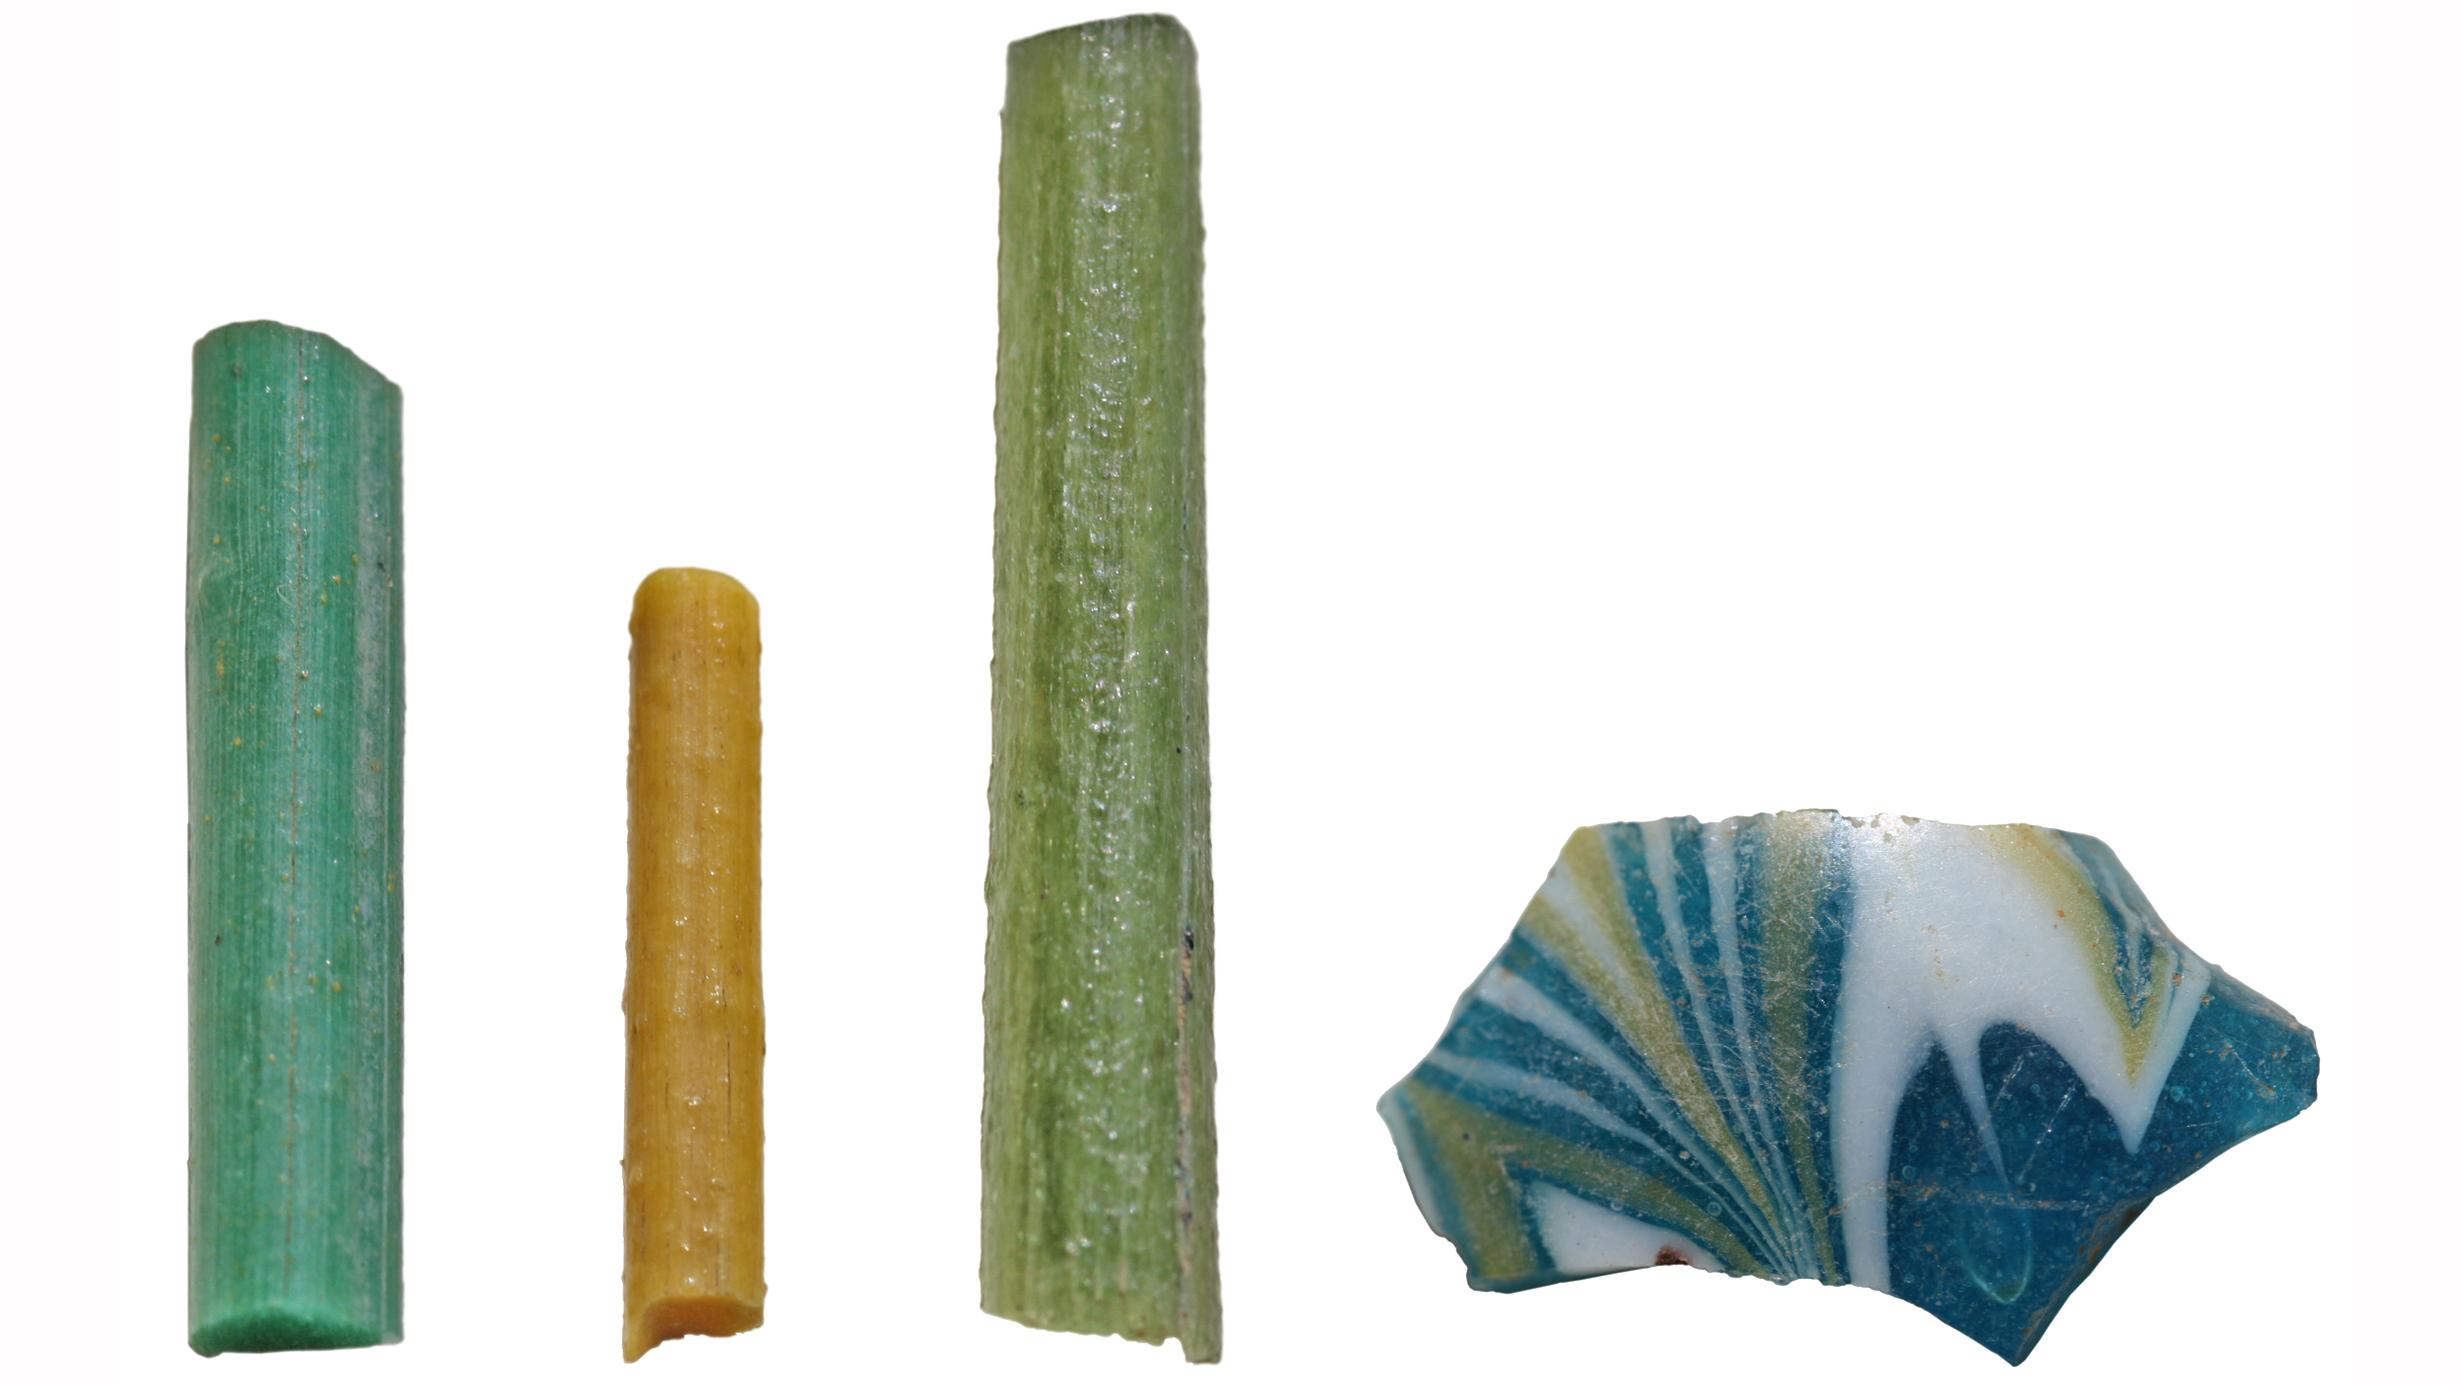 Glasstave fra Armana, Egypten, fire gange naturlig størrelse